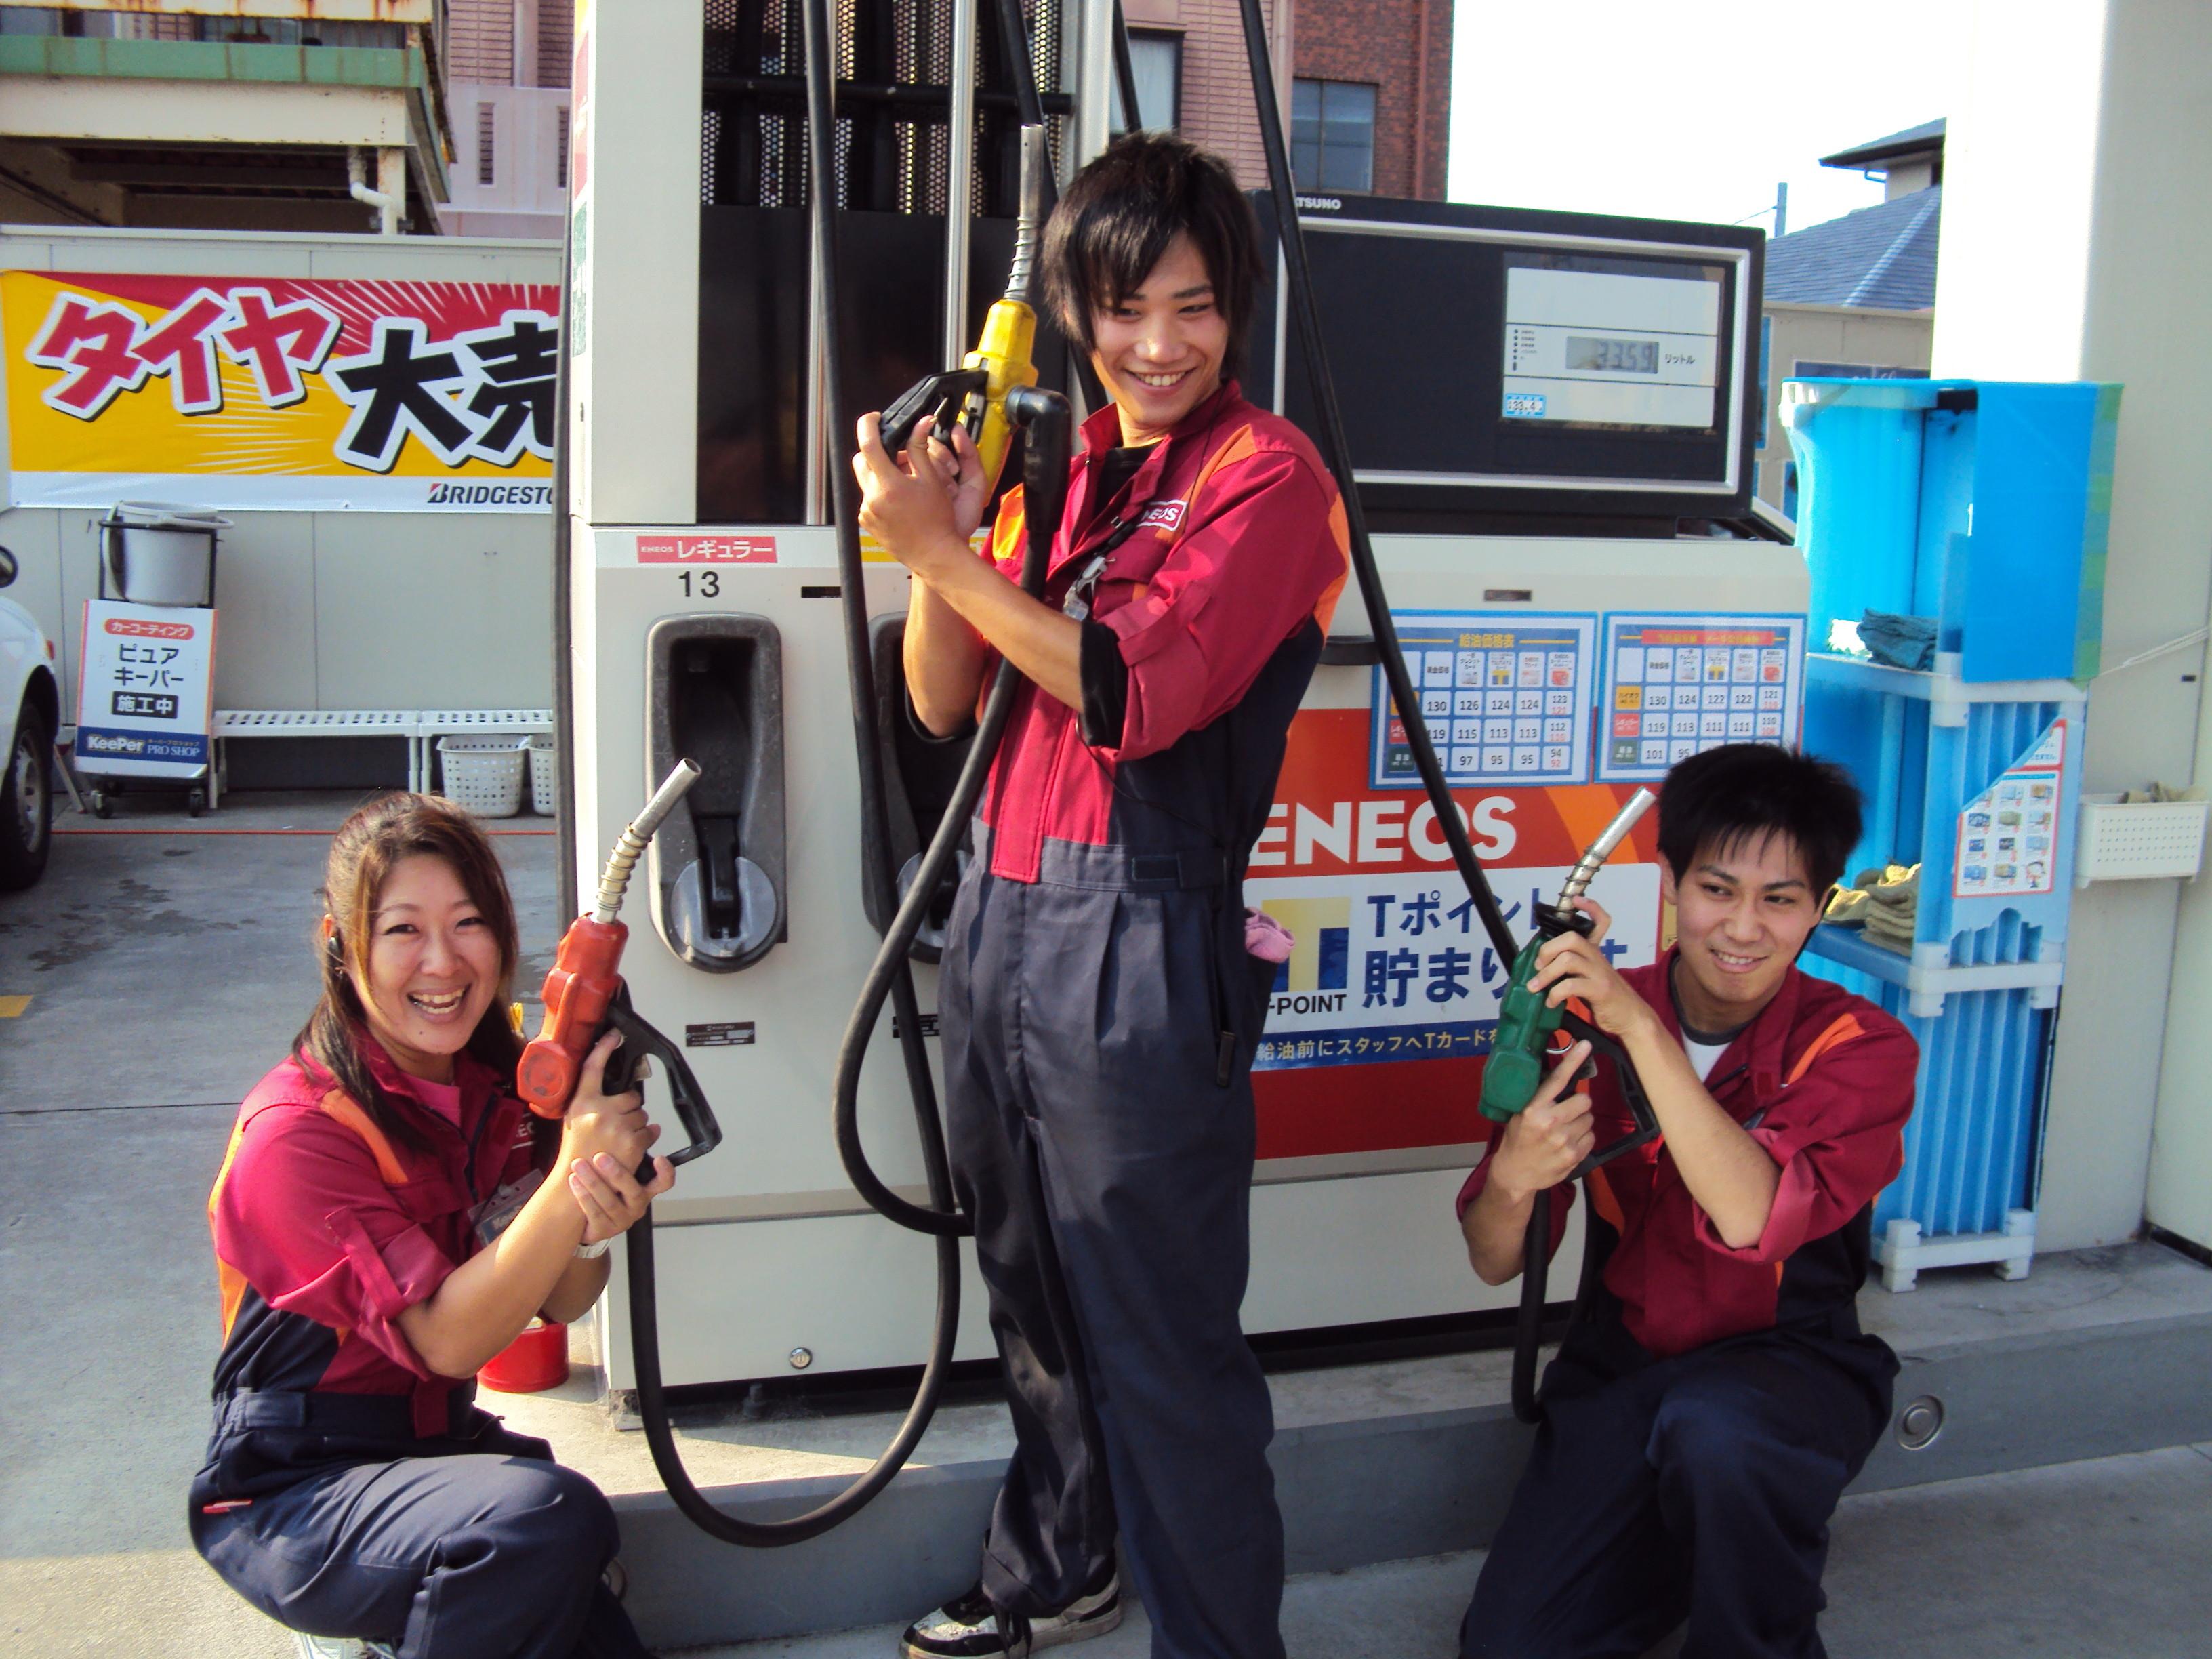 エネオス Dr.Drive 三島南店(伊伝株式会社) のアルバイト情報